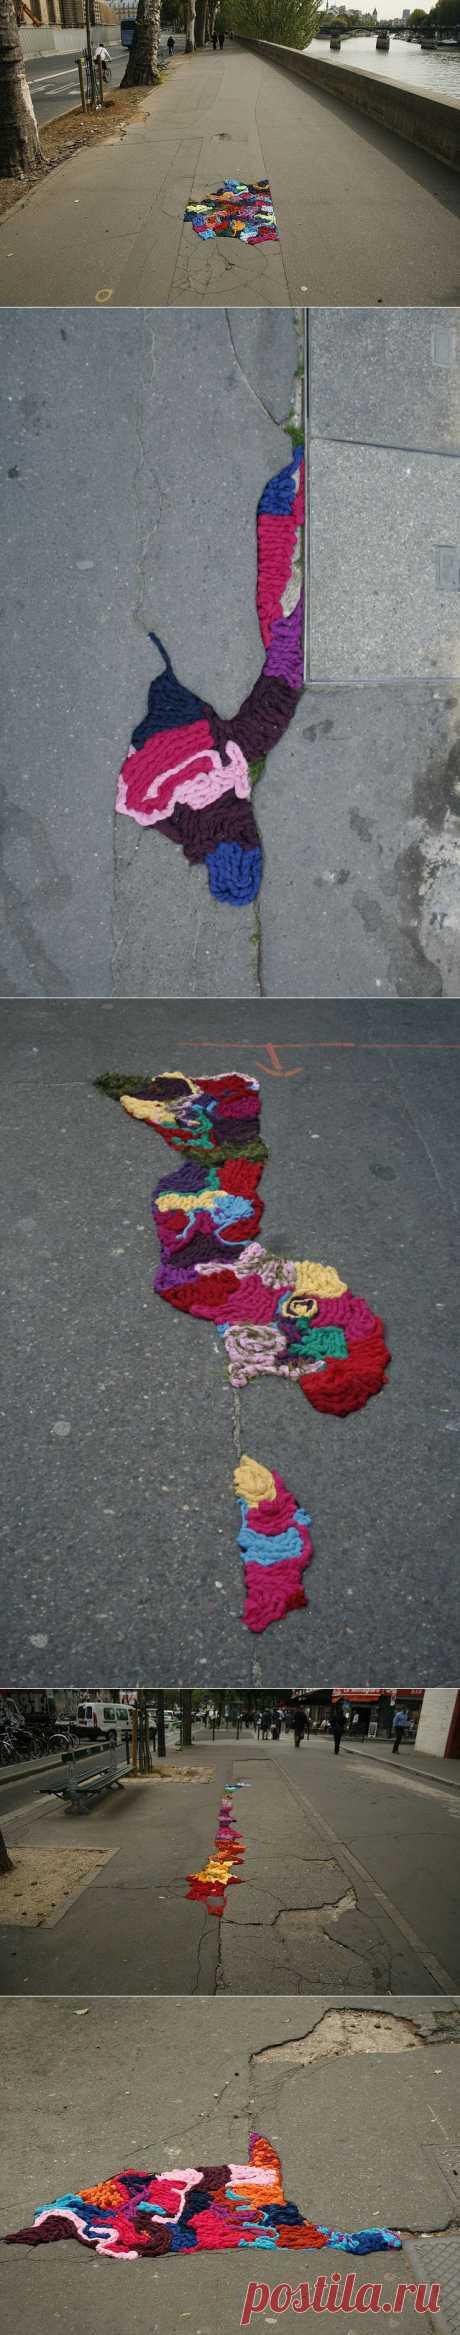 Дорога с рукодельными заплатками / Арт-объекты / Модный сайт о стильной переделке одежды и интерьера